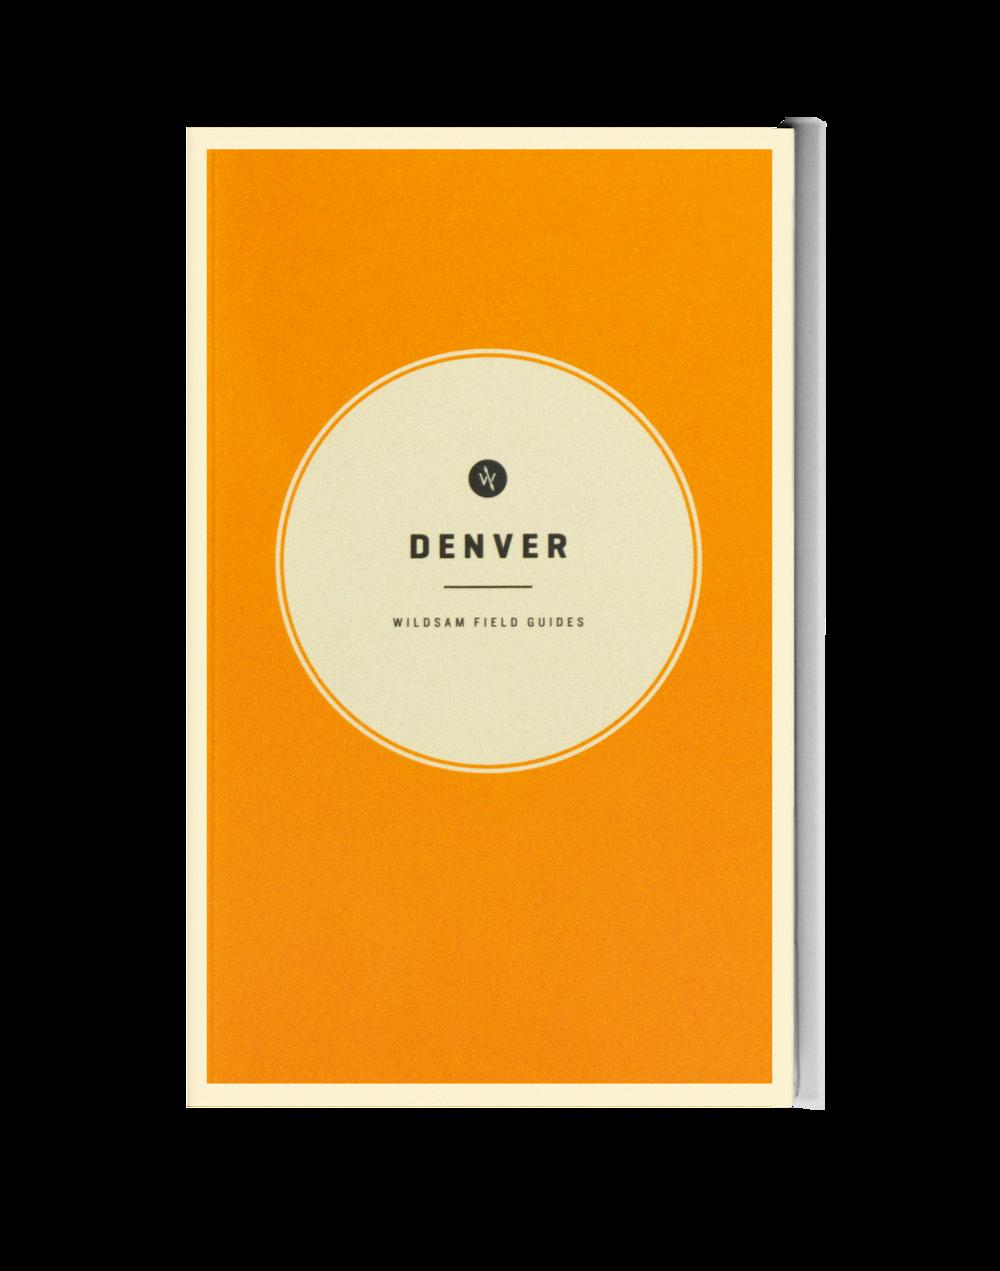 DENVER_COVER_FLAT.png